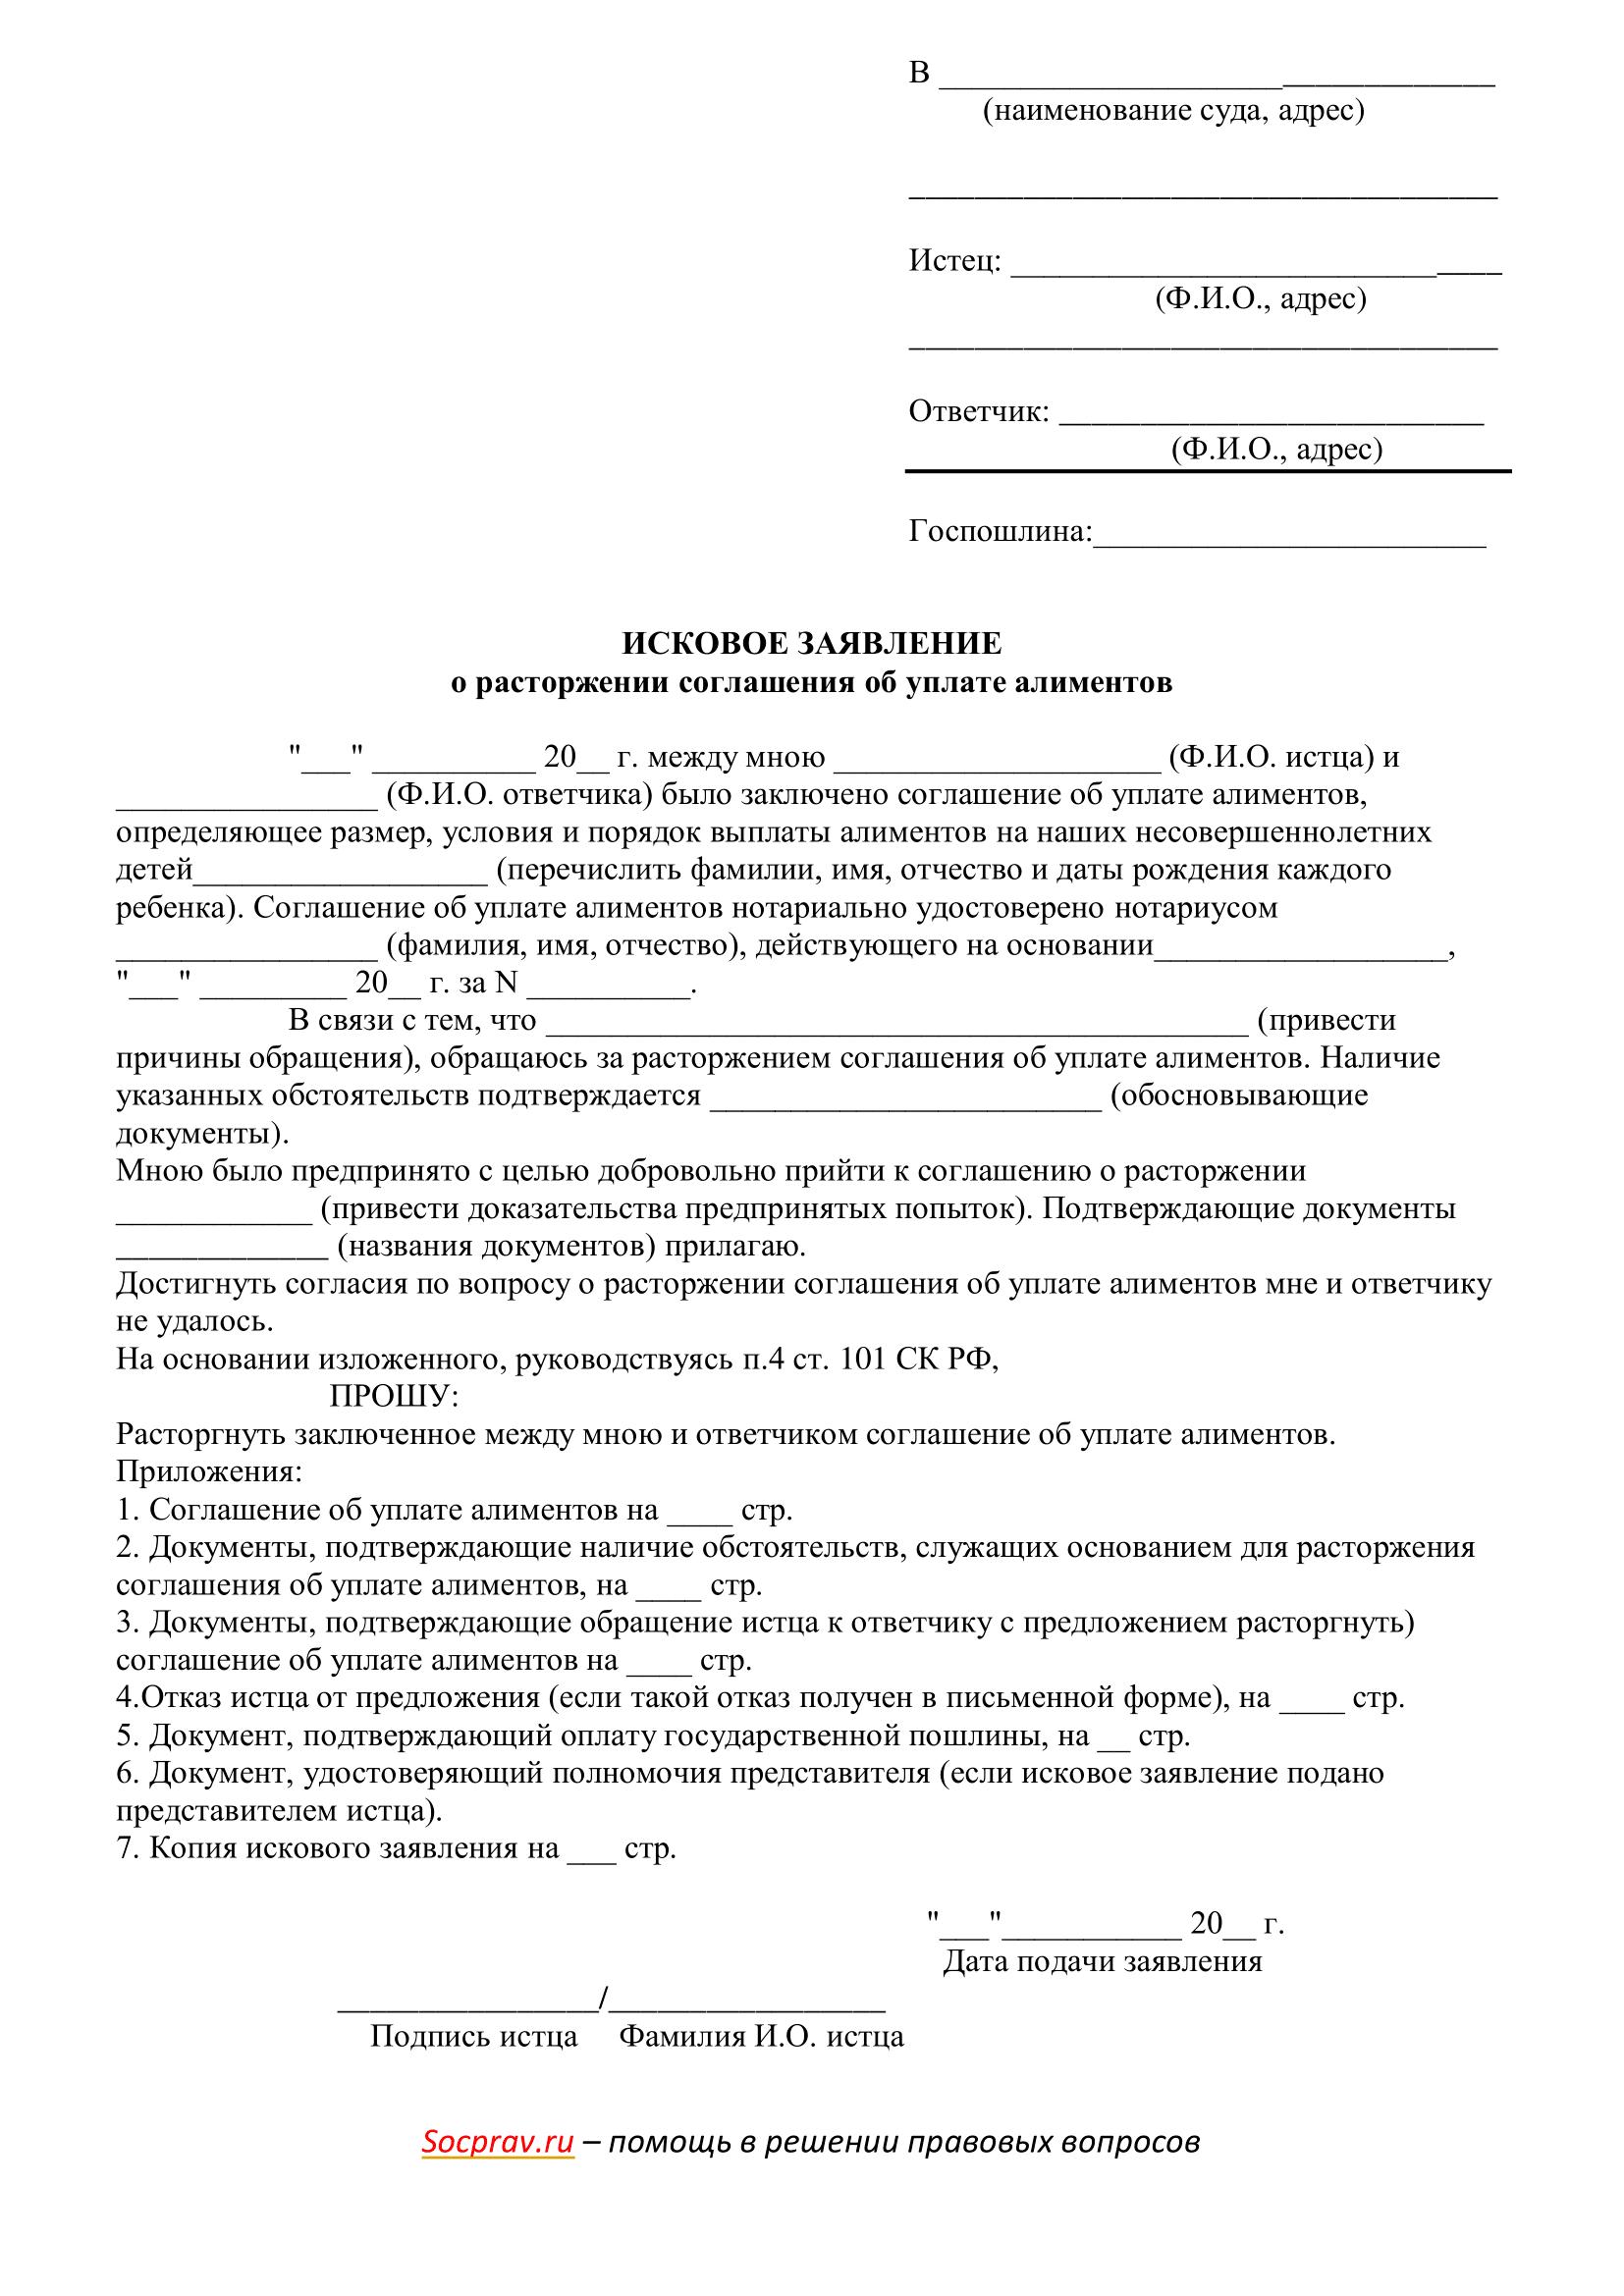 Исковое заявление о расторжении соглашения об уплате алиментов